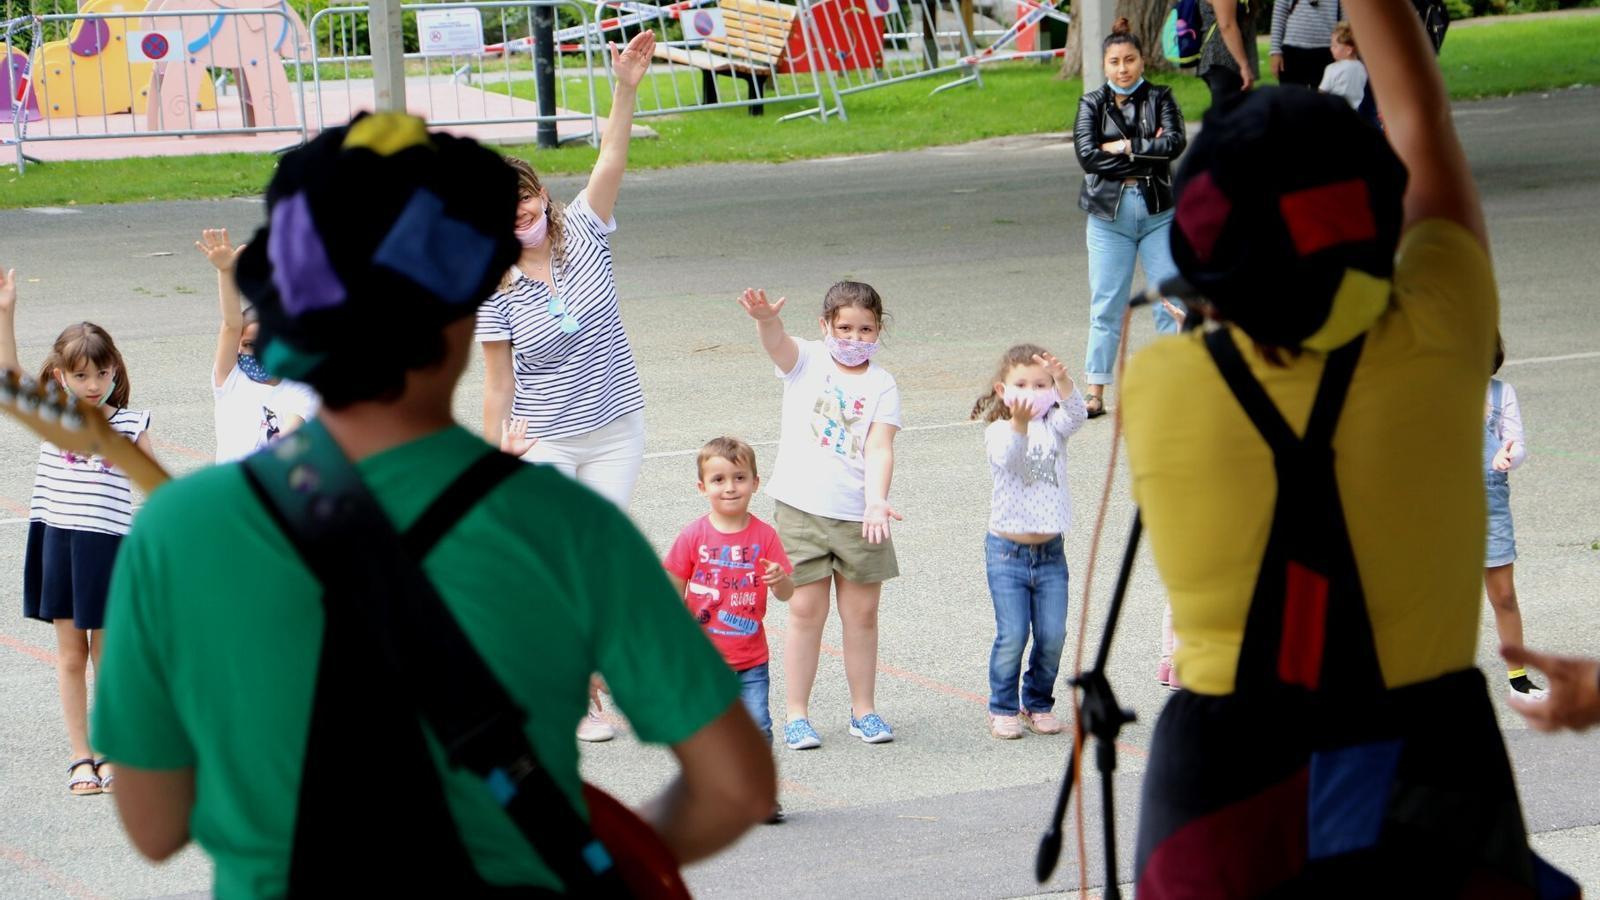 Nens divertint-se amb l'agrupació musical de la Festa del Poble d'Encamp. / E.C. (ANA)